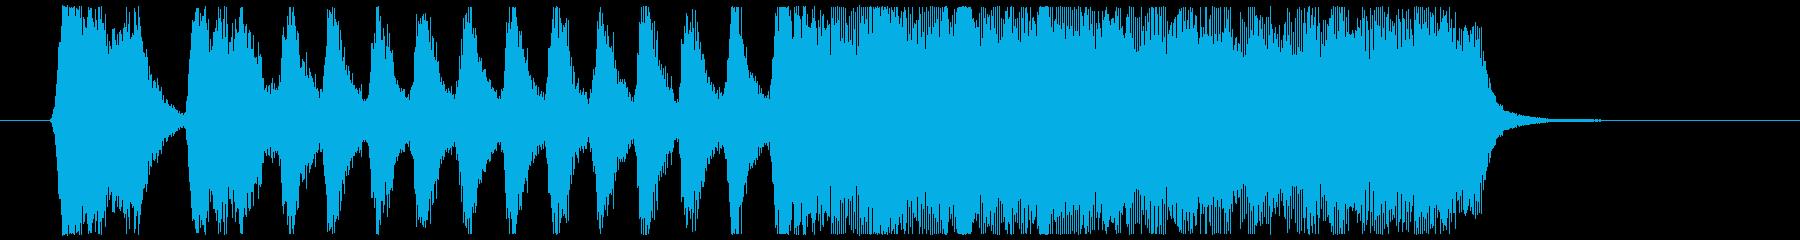 金管4重奏によるシンプルなファンファーレの再生済みの波形